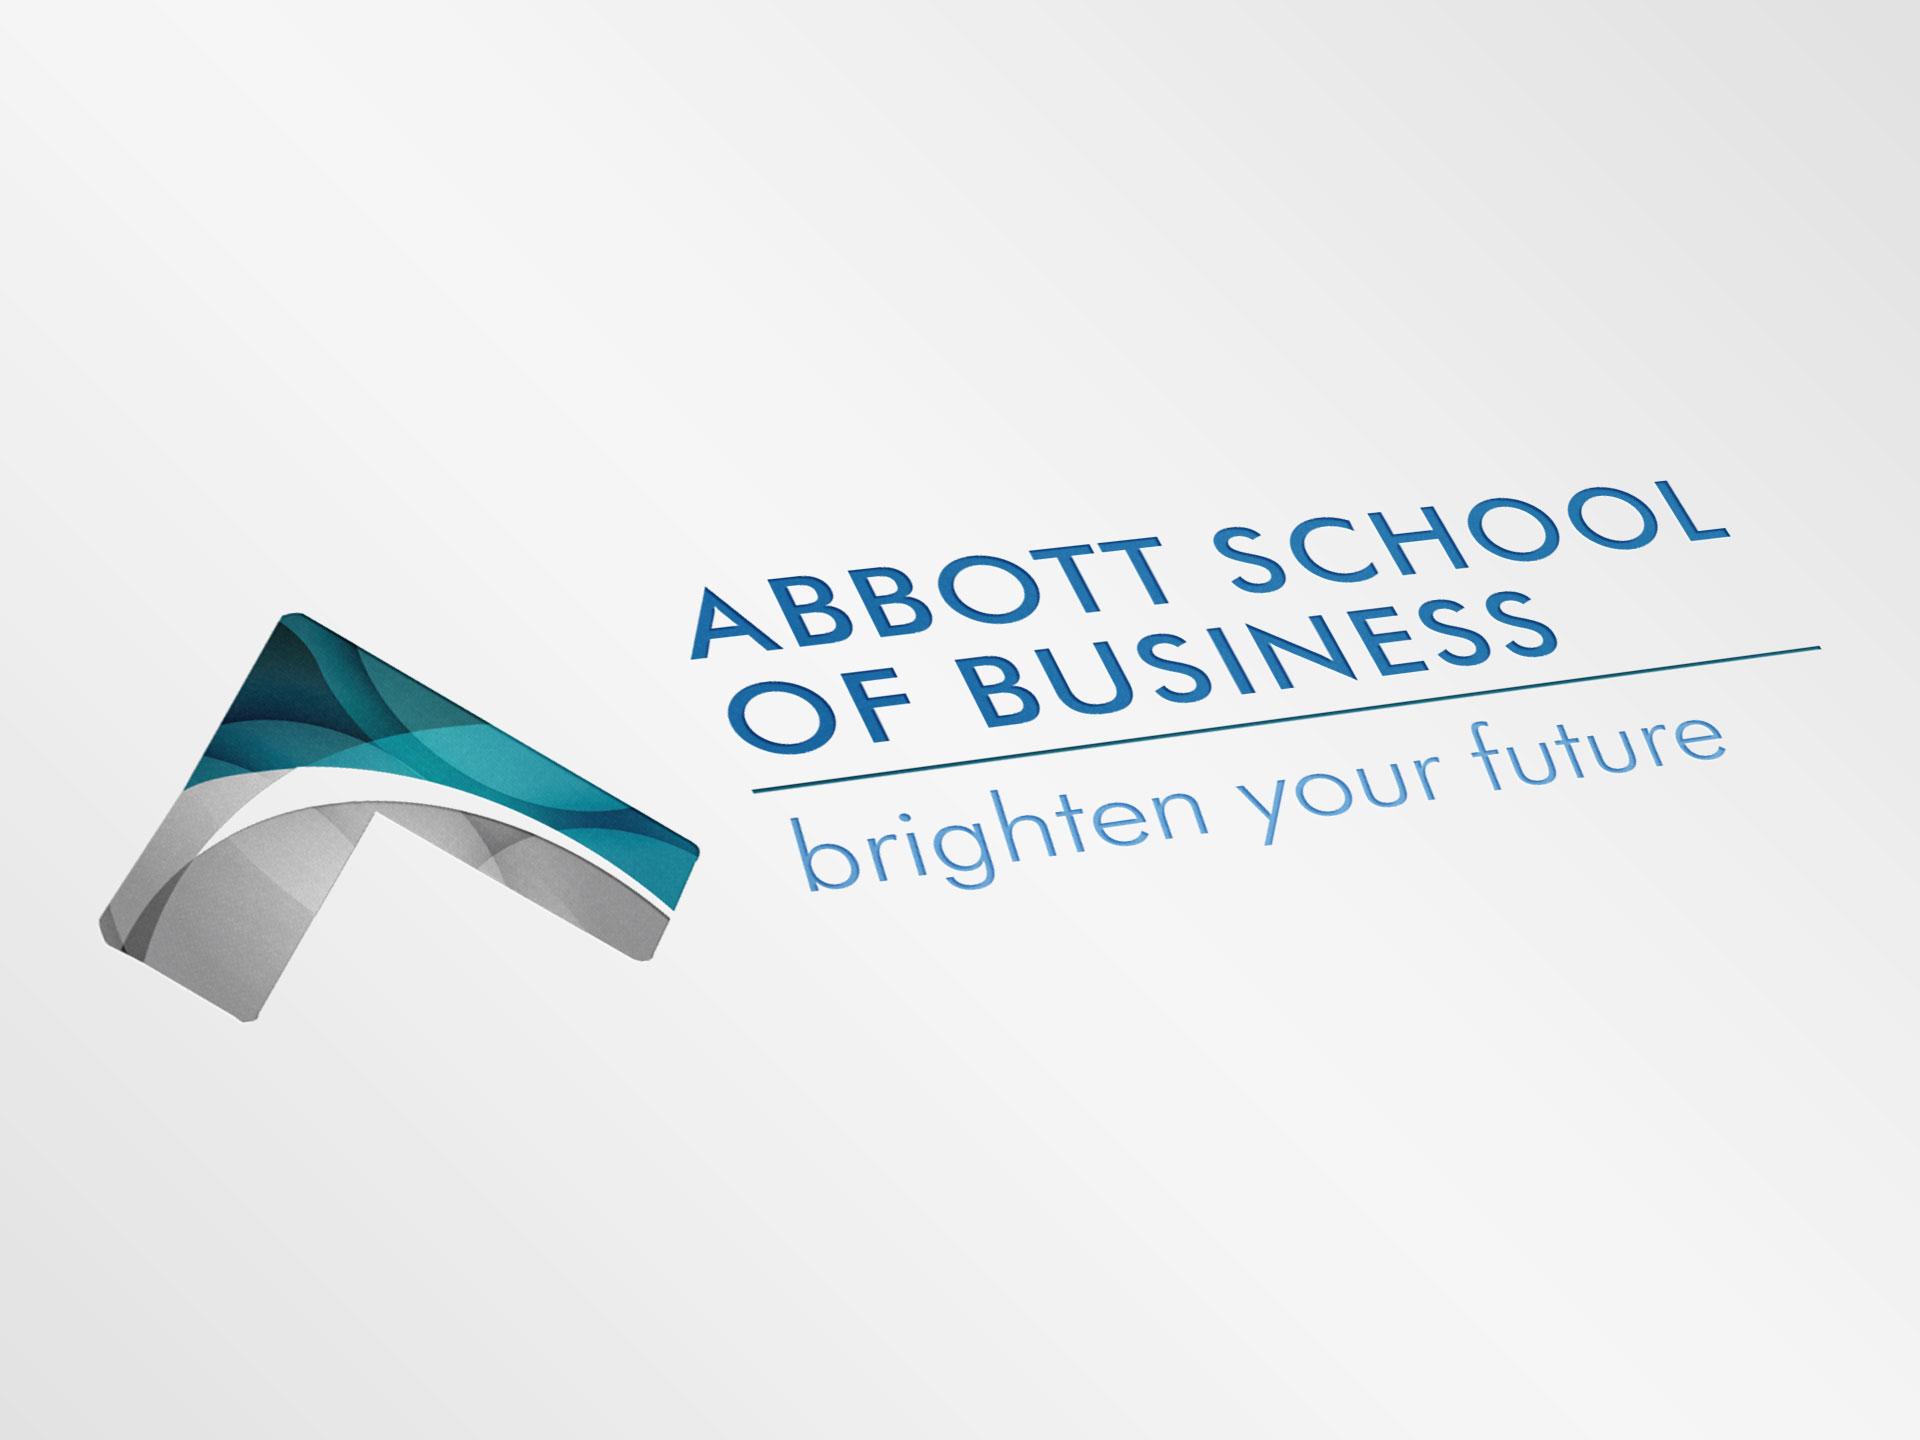 Abbott-logo-3